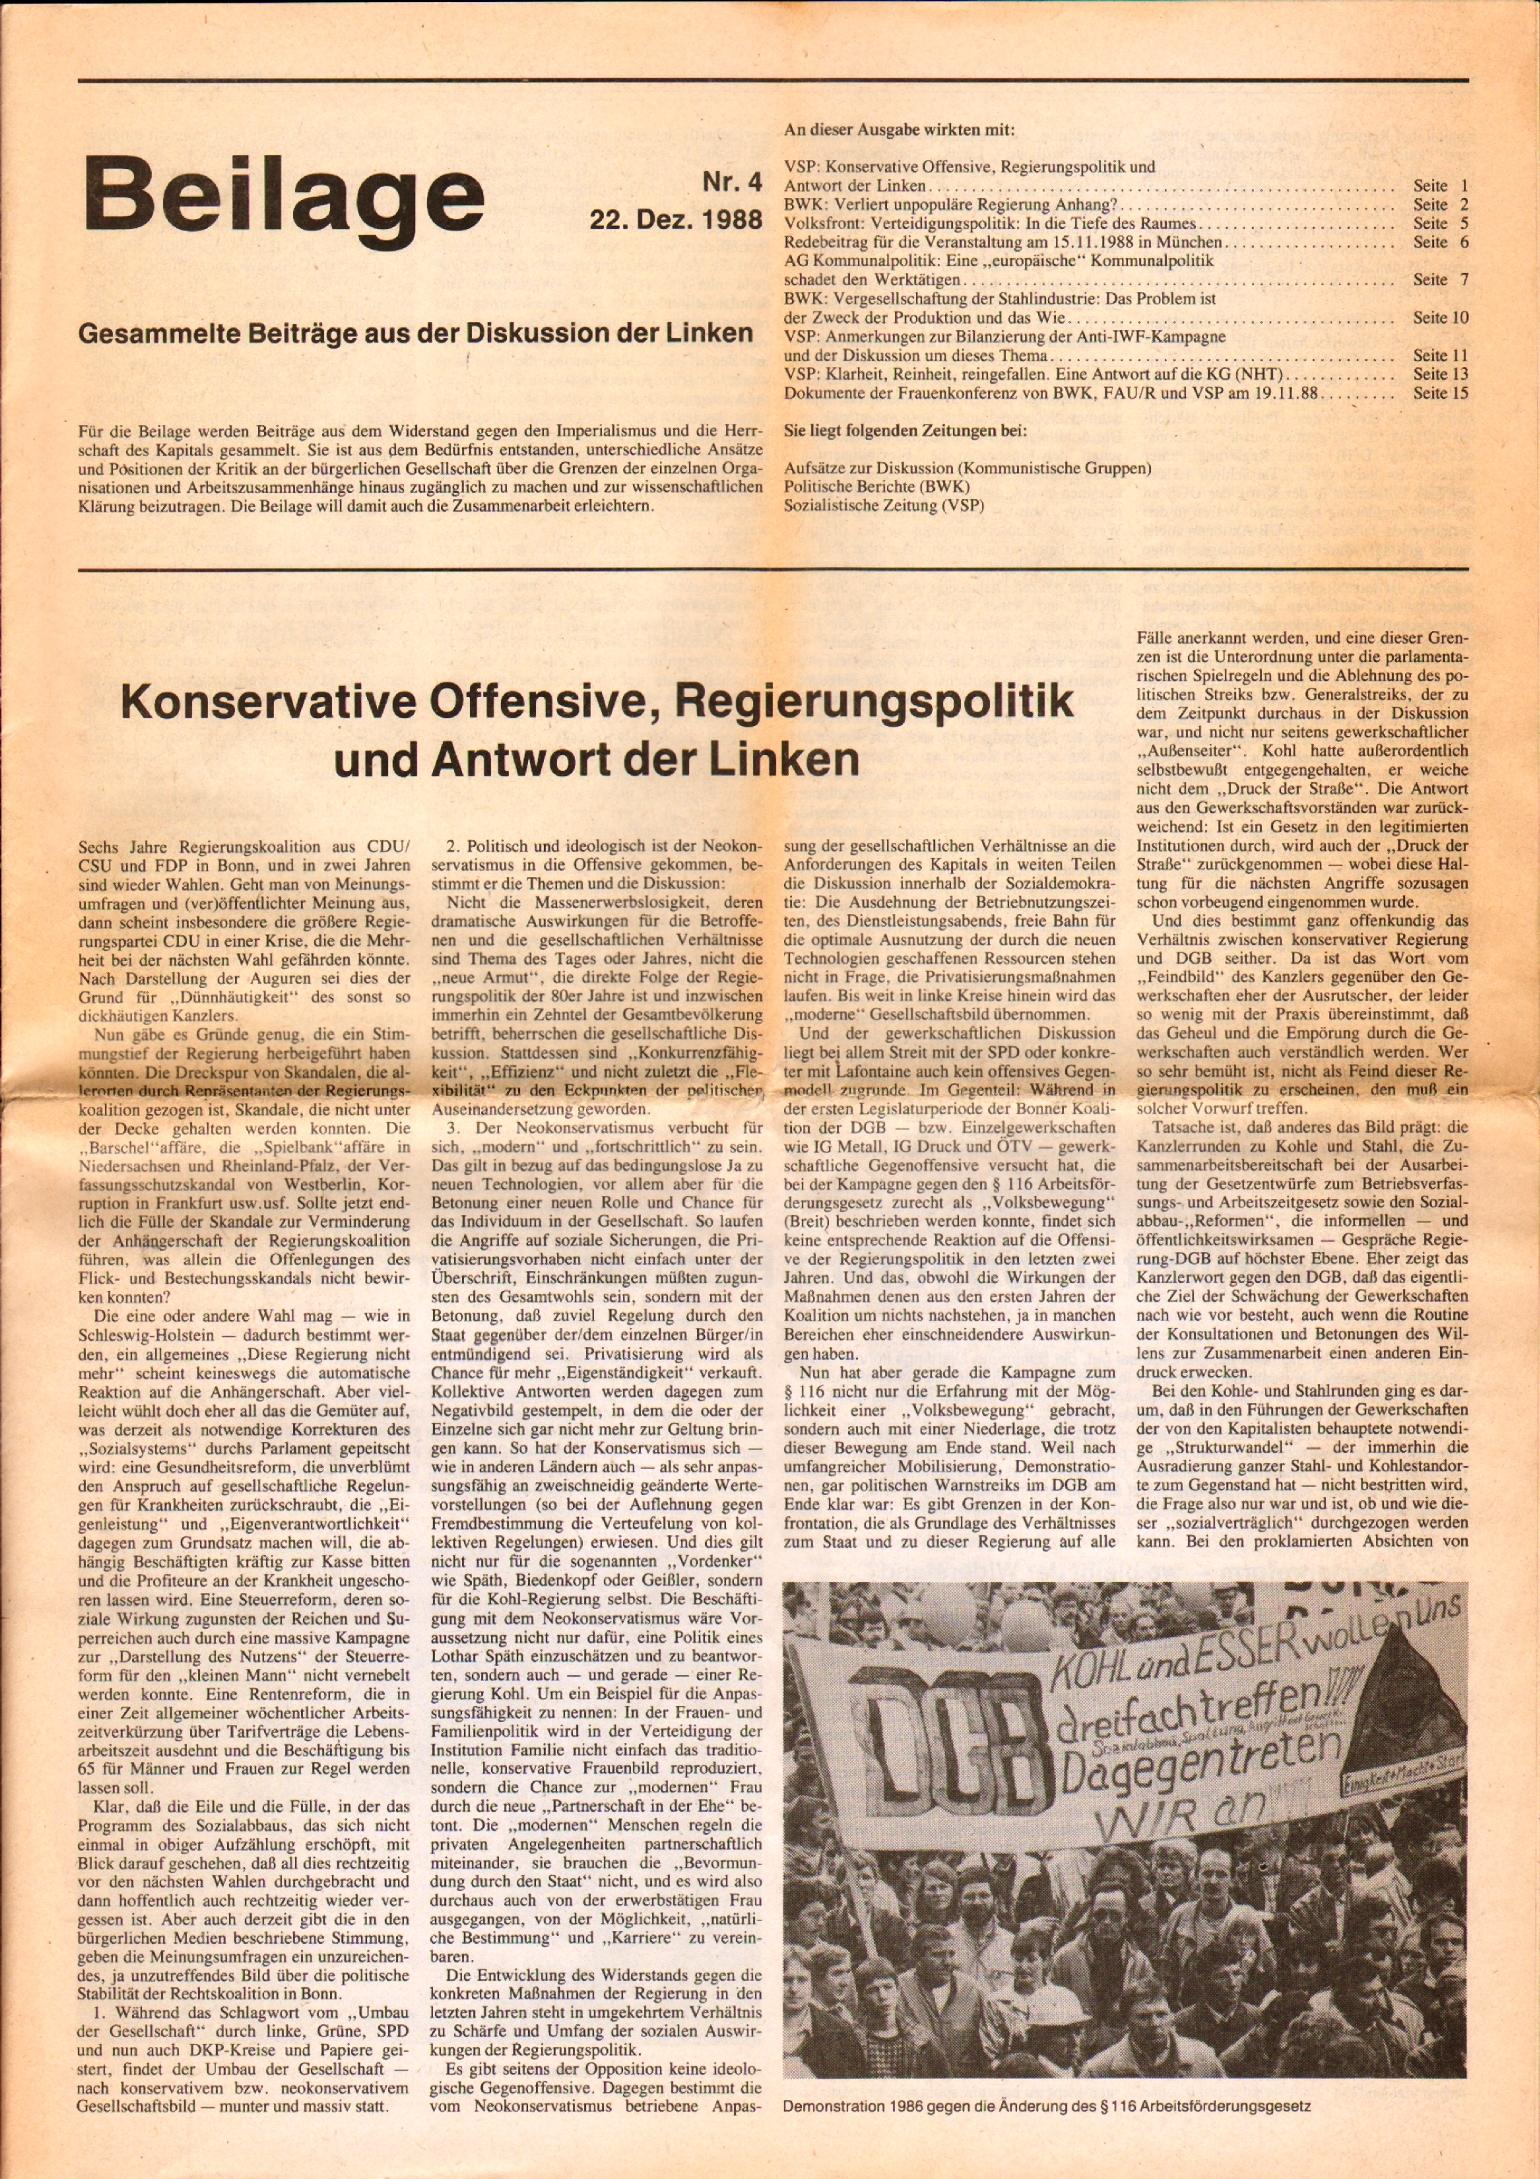 Gemeinsame_Beilage_1988_04_01